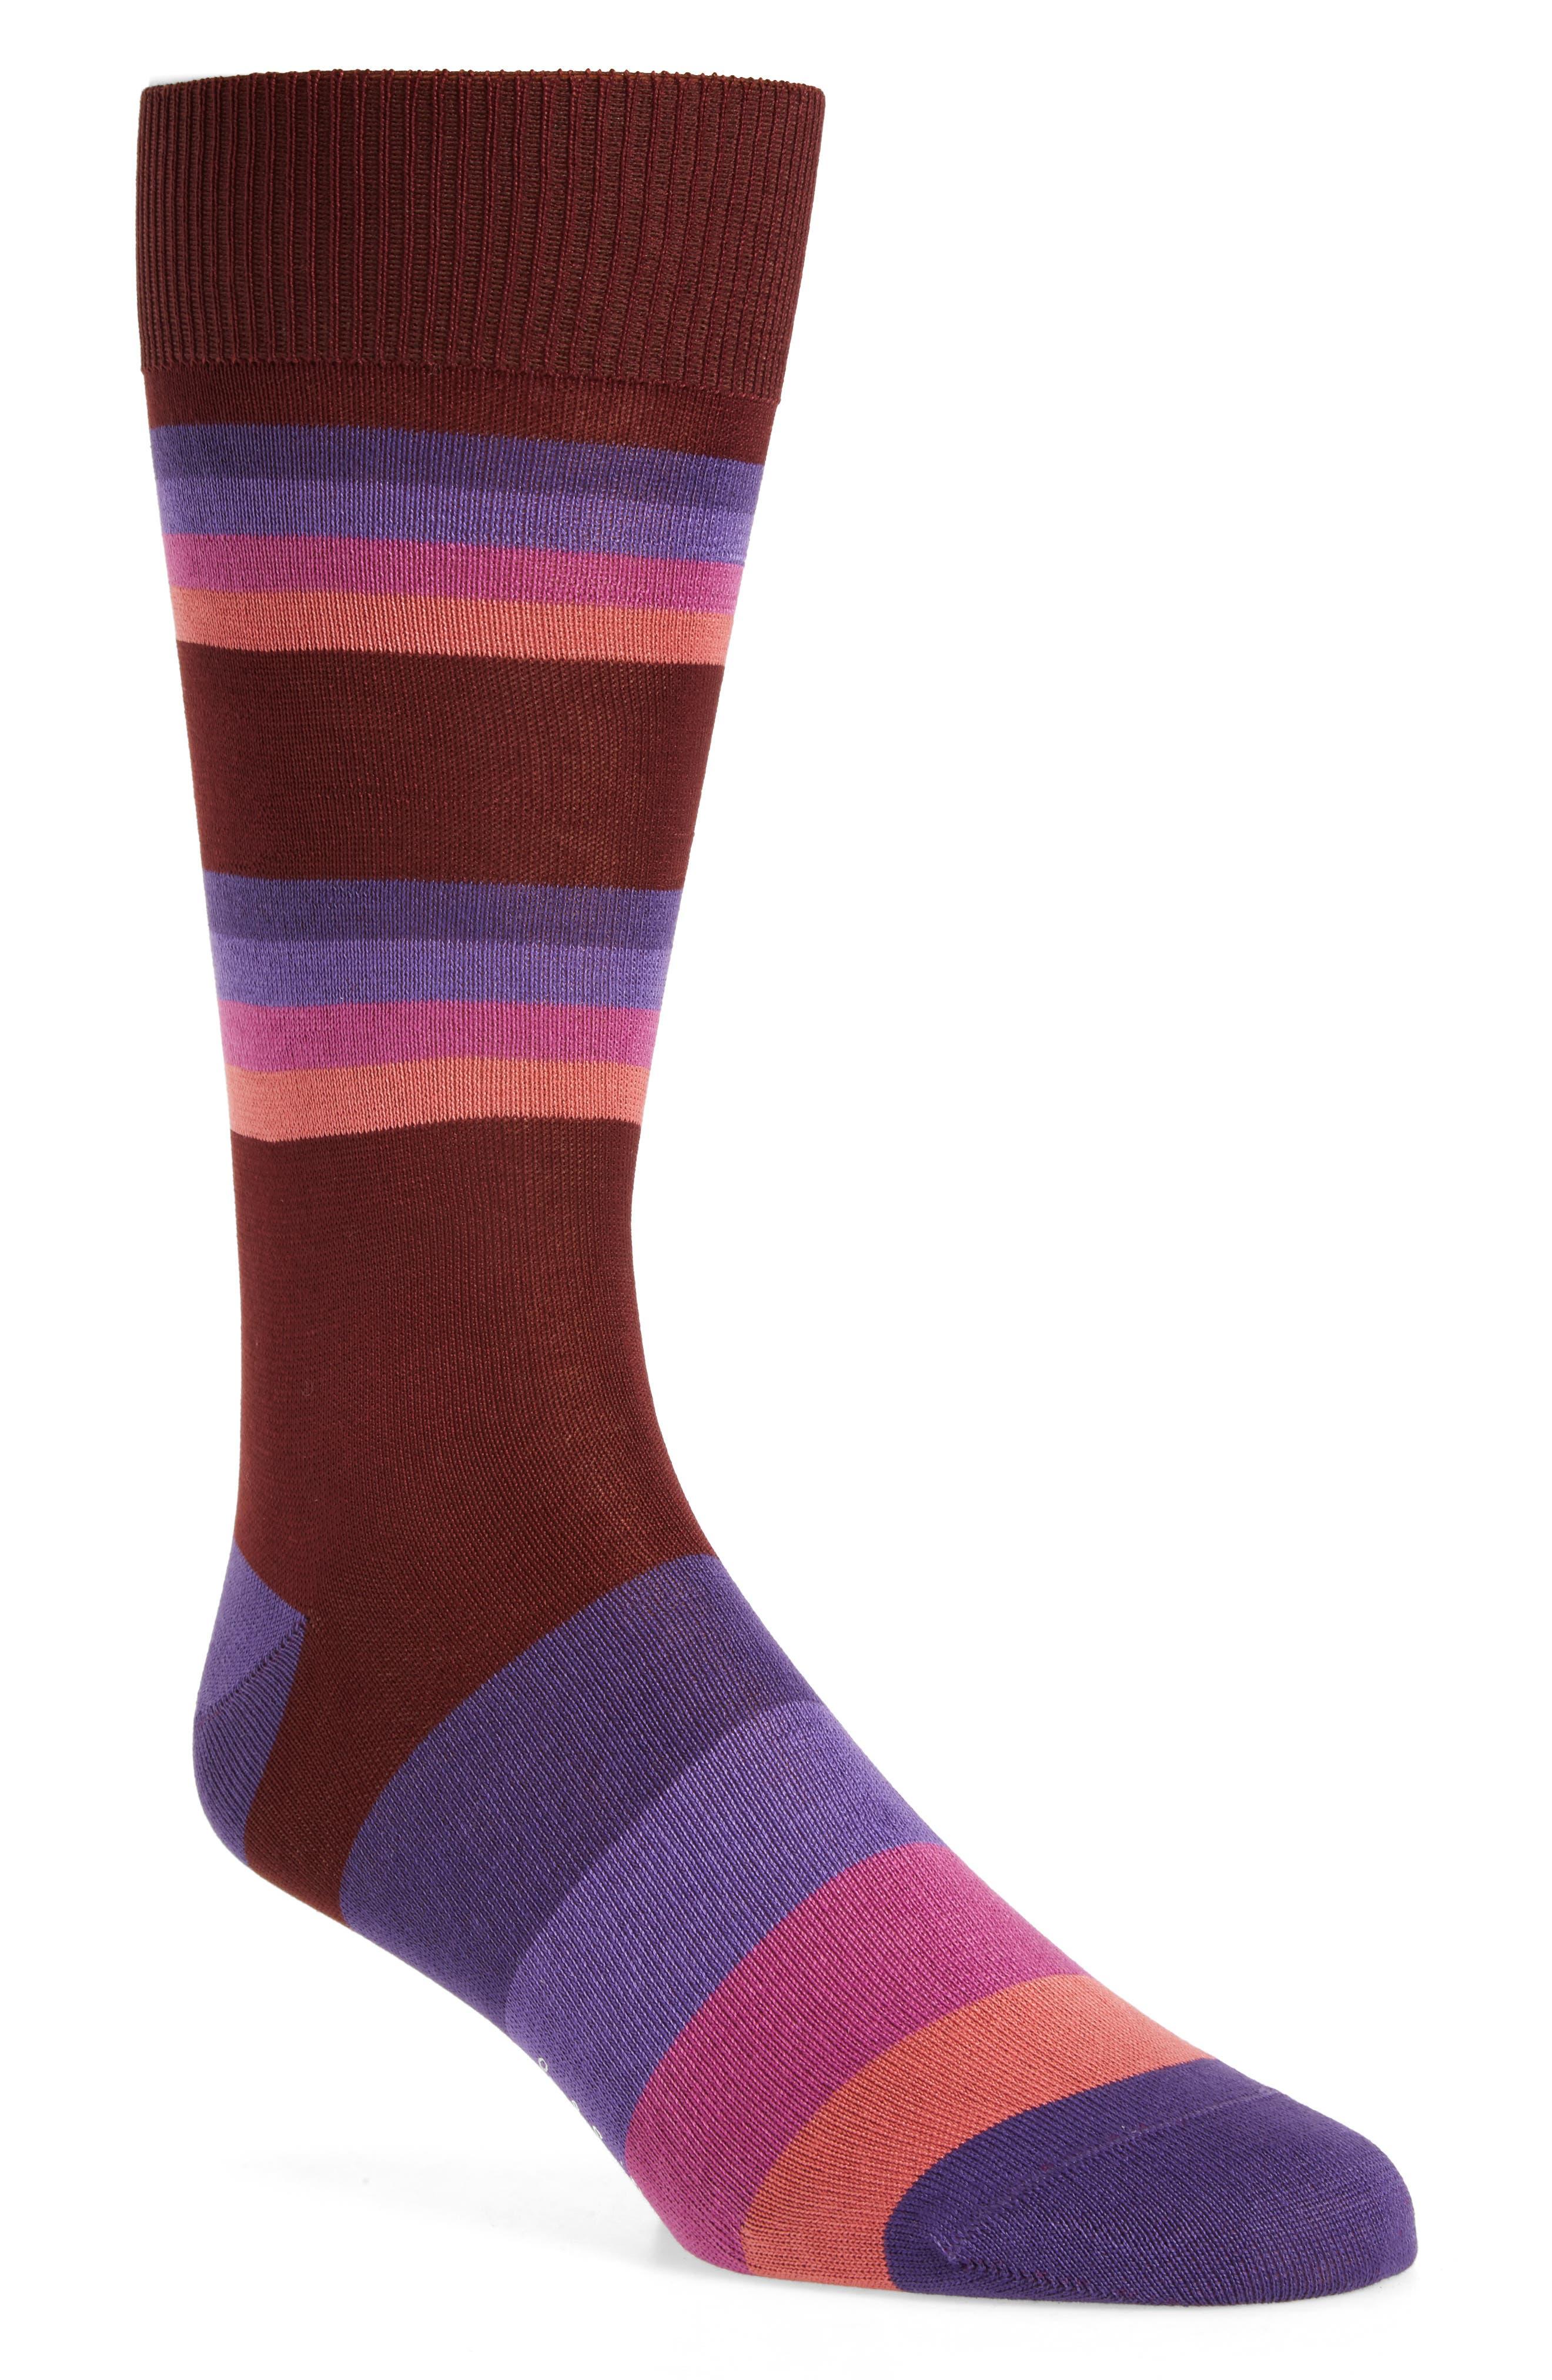 Boston Stripe Socks,                             Main thumbnail 1, color,                             930